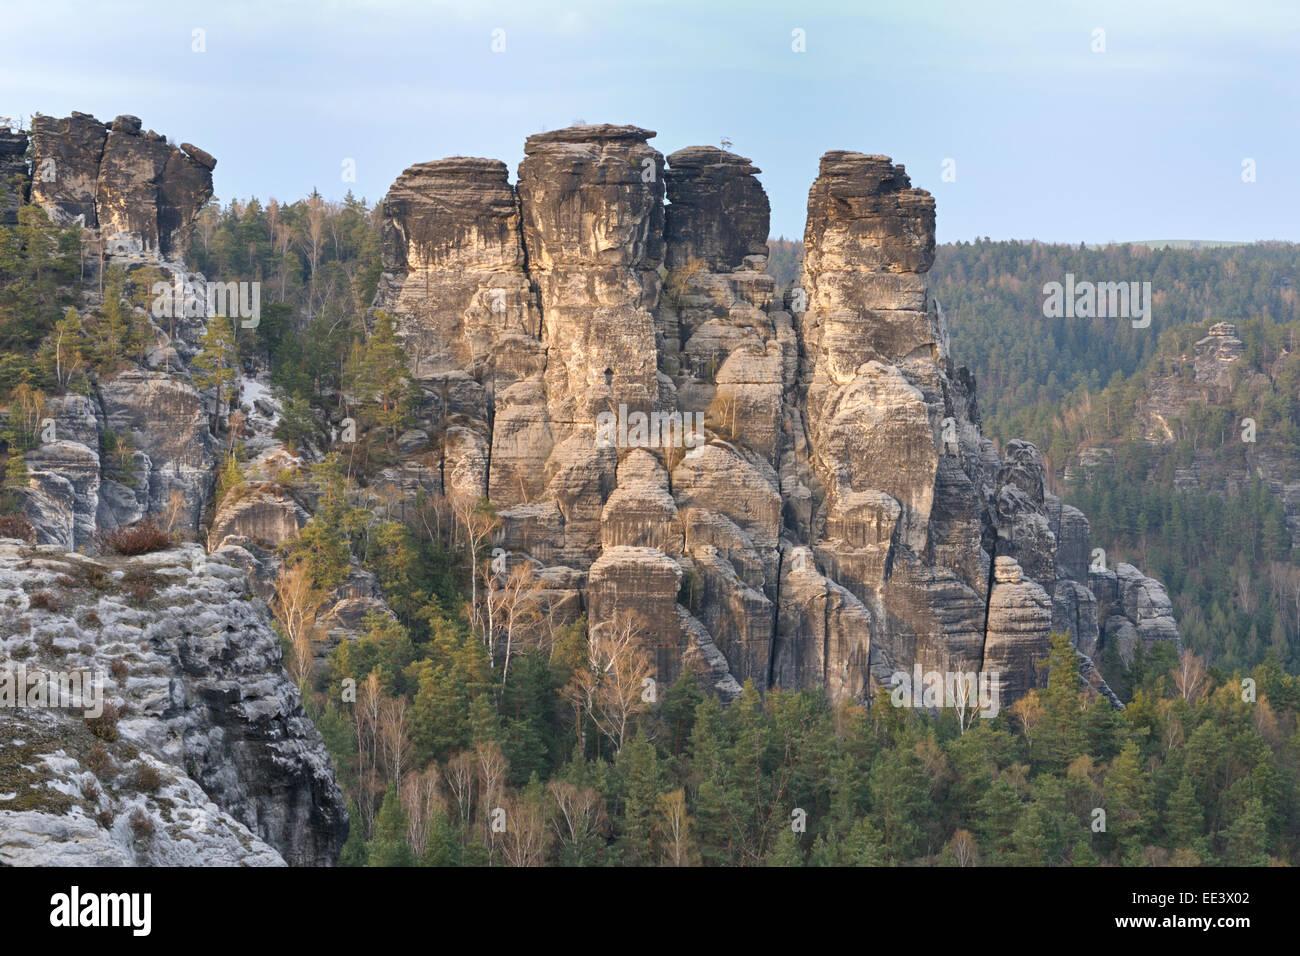 Elbsandsteingebirge, Germany, Elbe Sandstone Mountains - Stock Image